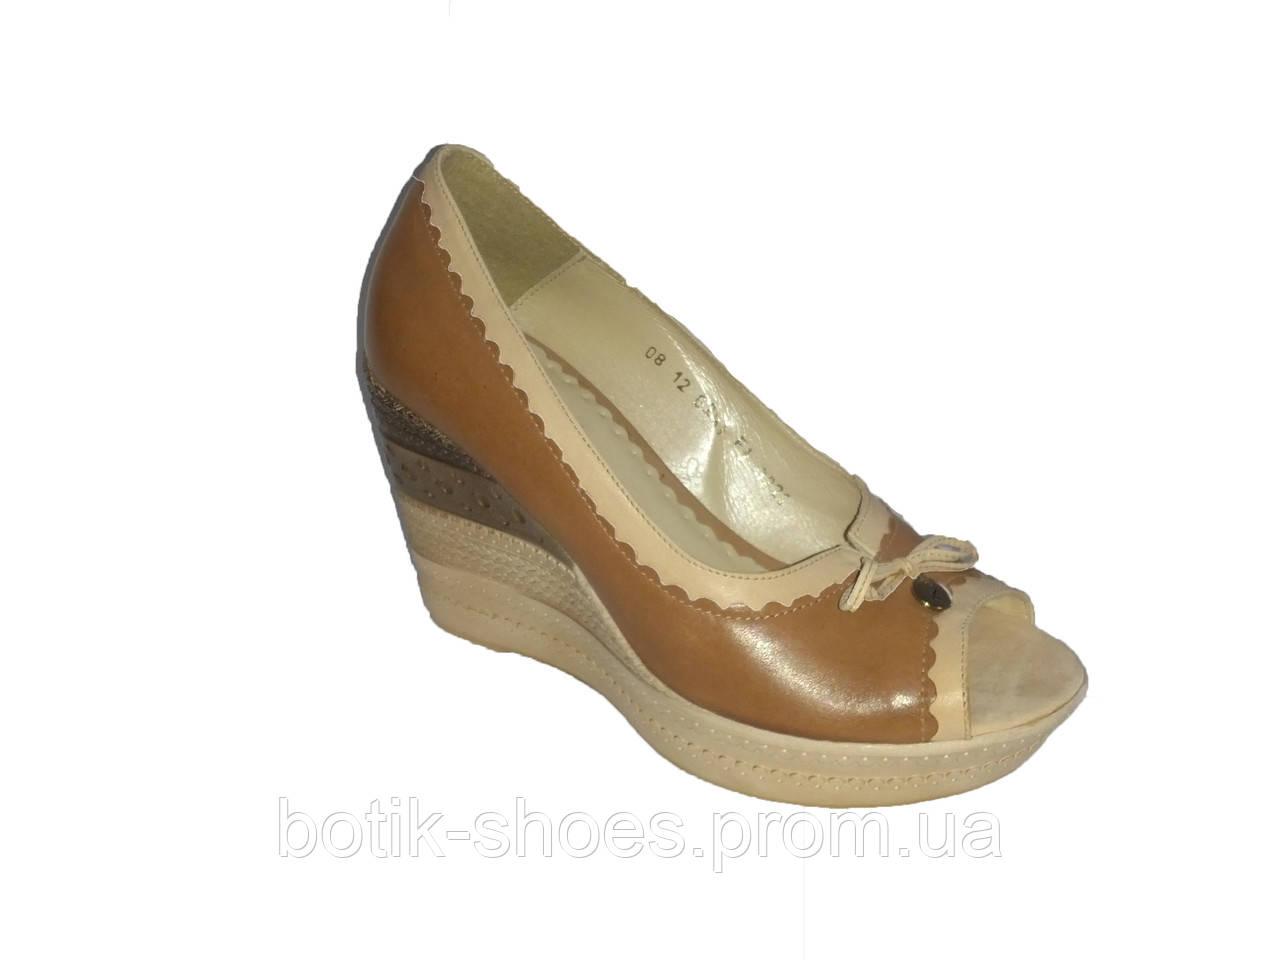 db91654a6b32 Кожаные польские женские коричневые стильные туфли на танкетке с открытым  носком ...